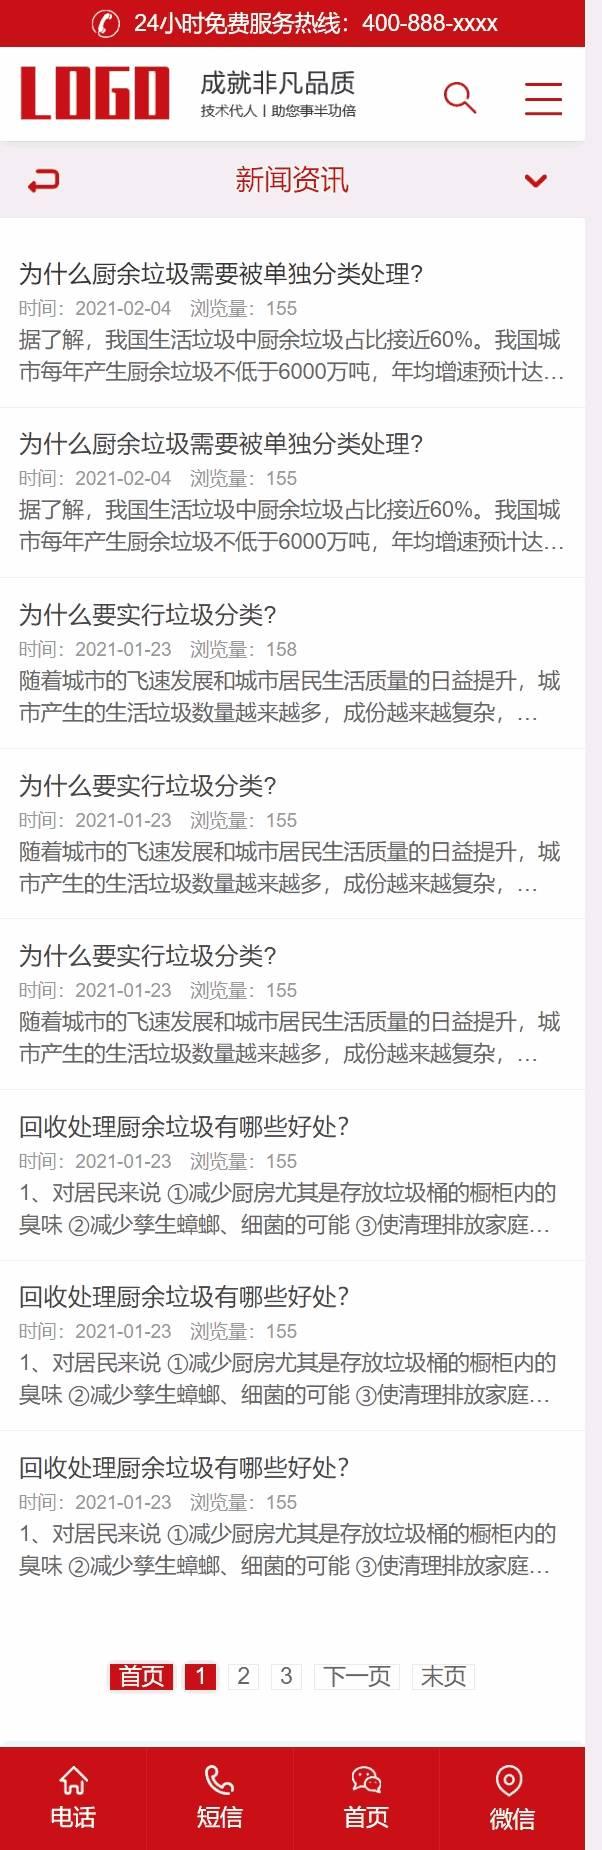 手机新闻页